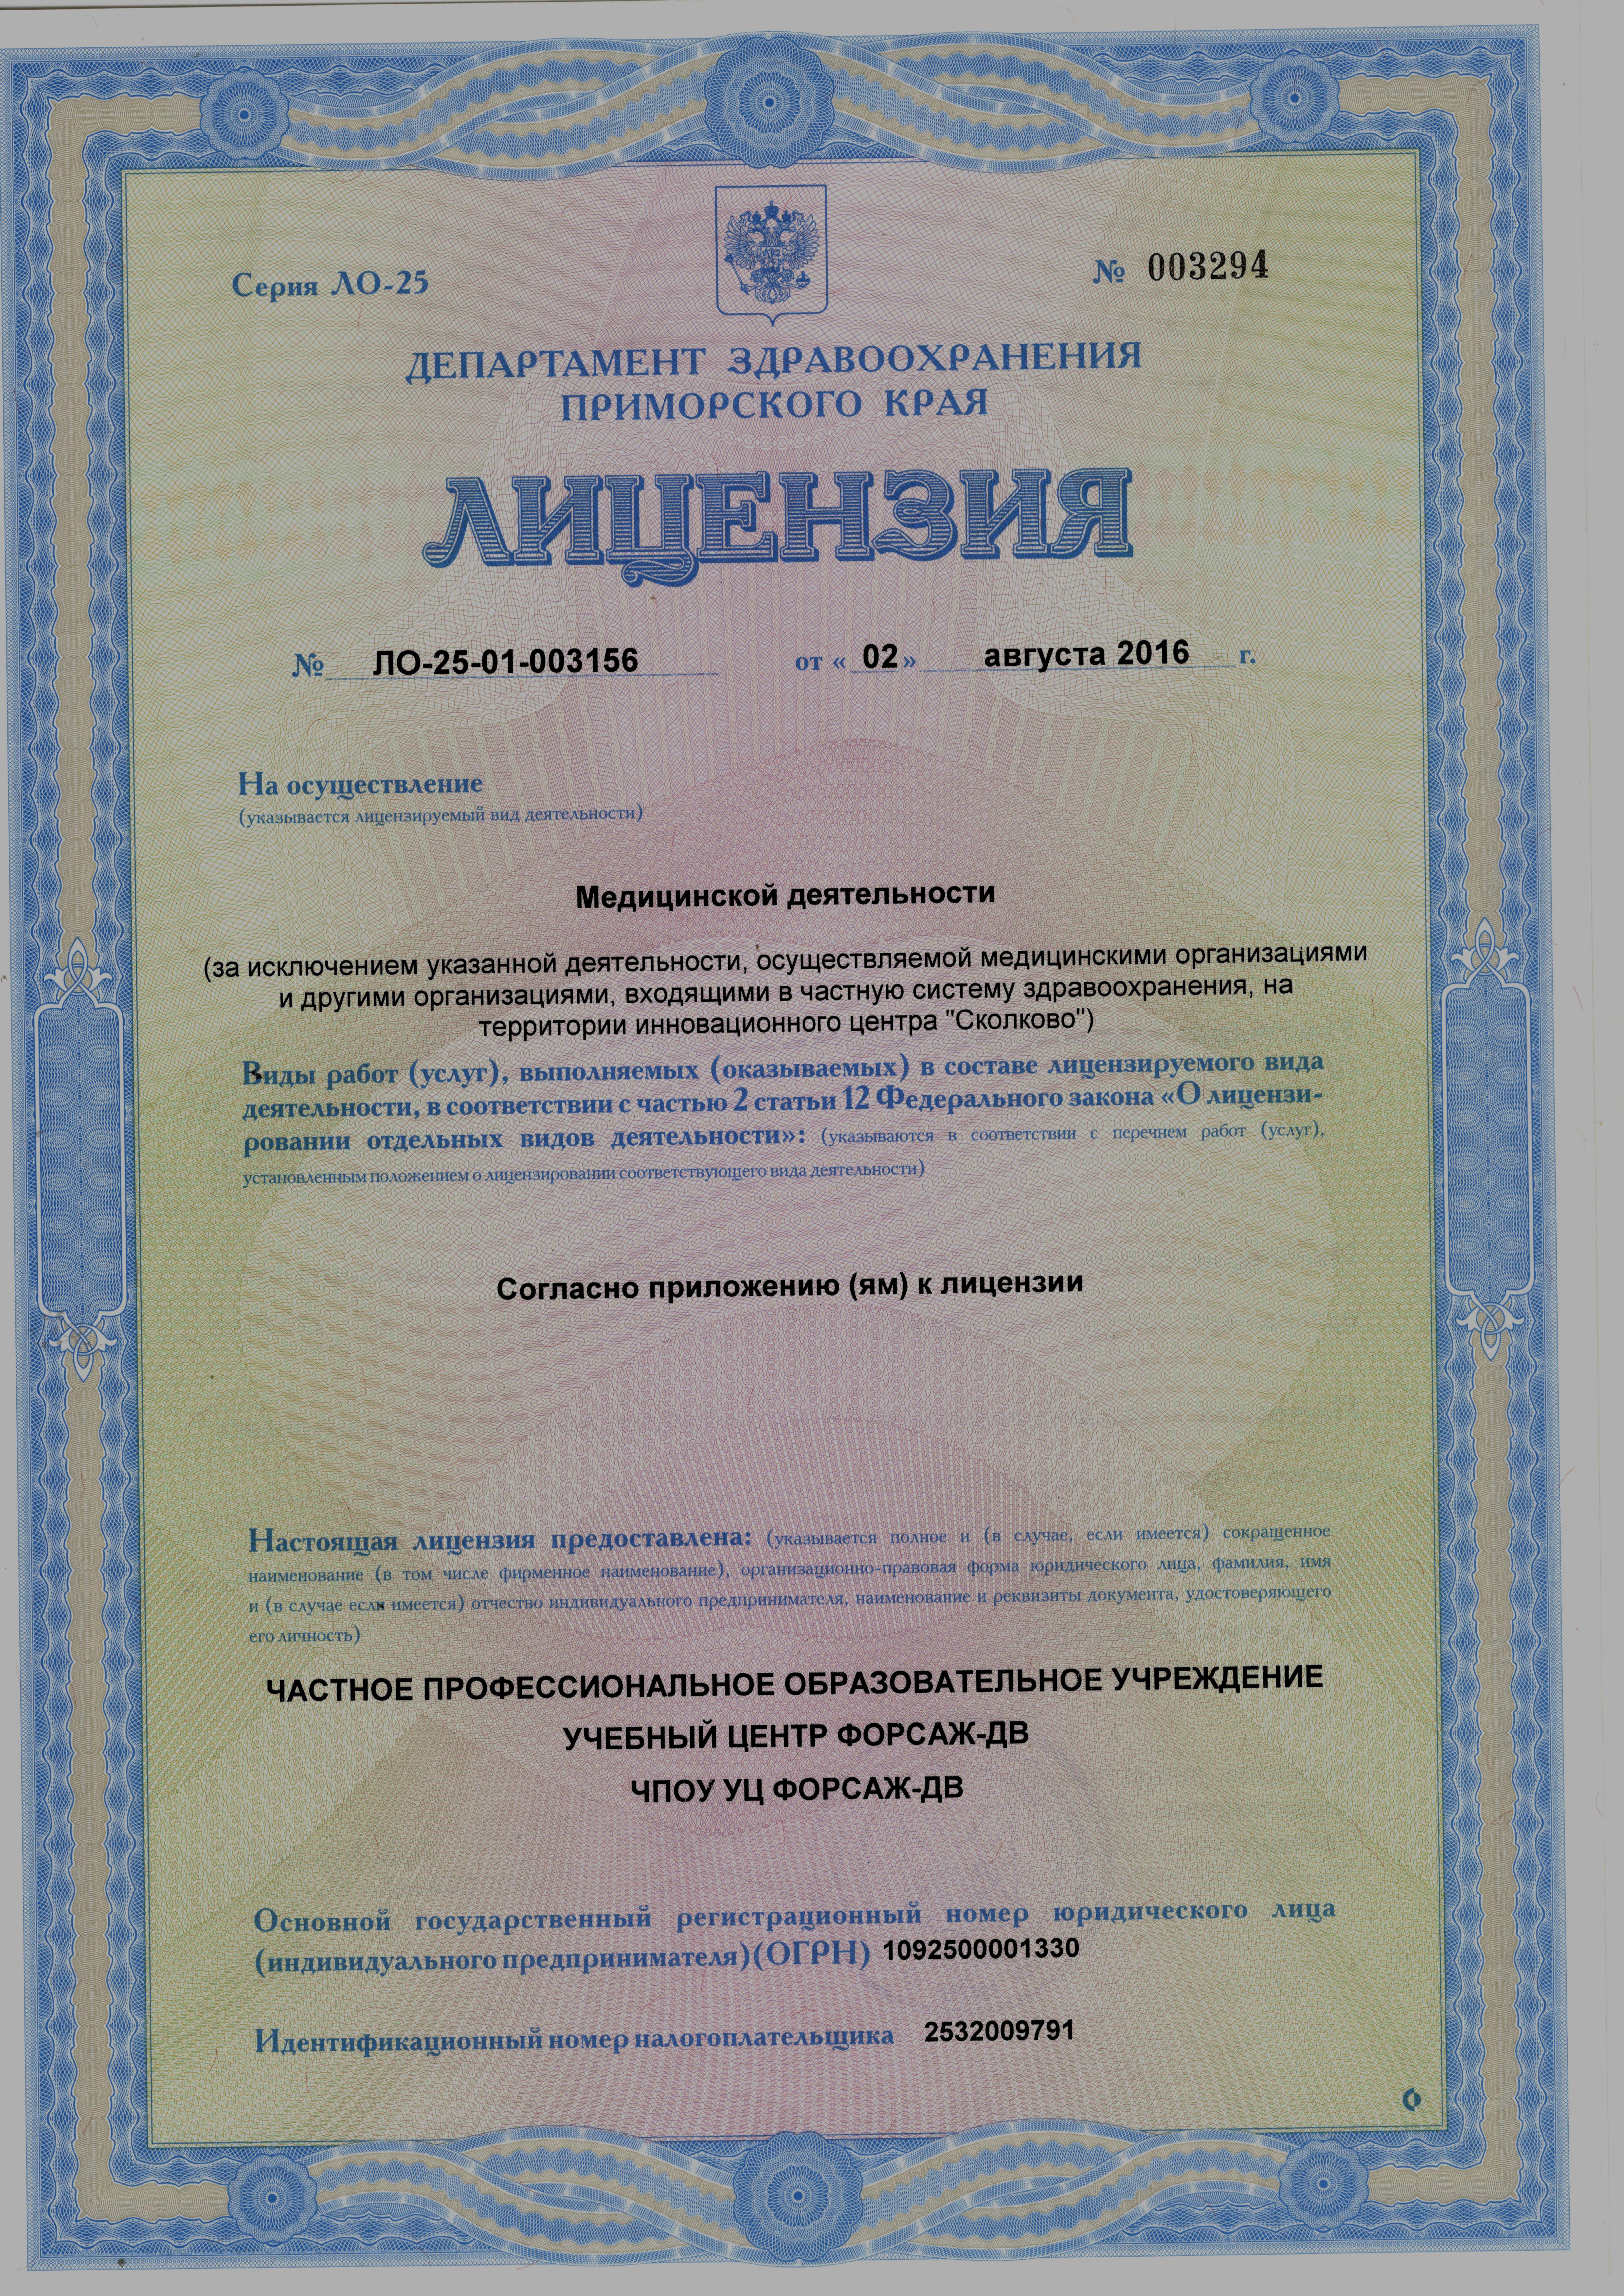 Лицензия на ведение медицинской деятельности